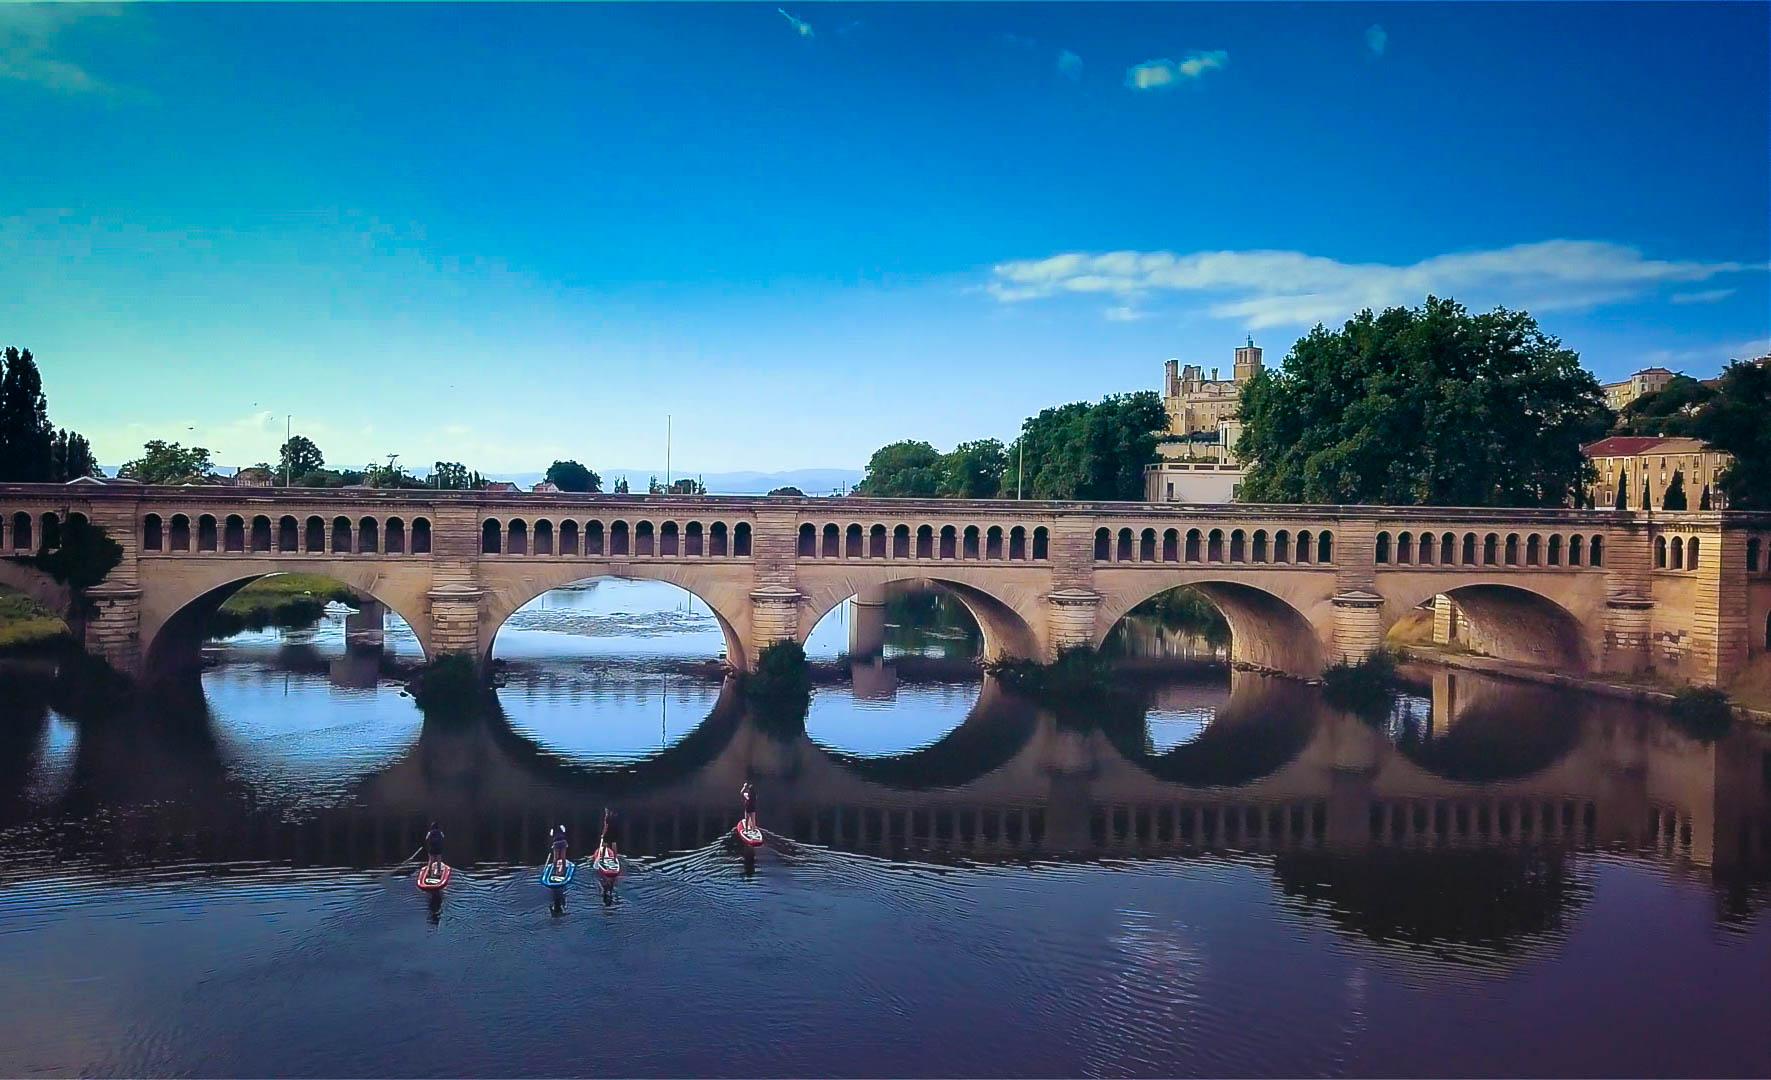 Pont canal à Béziers, canal du Midi